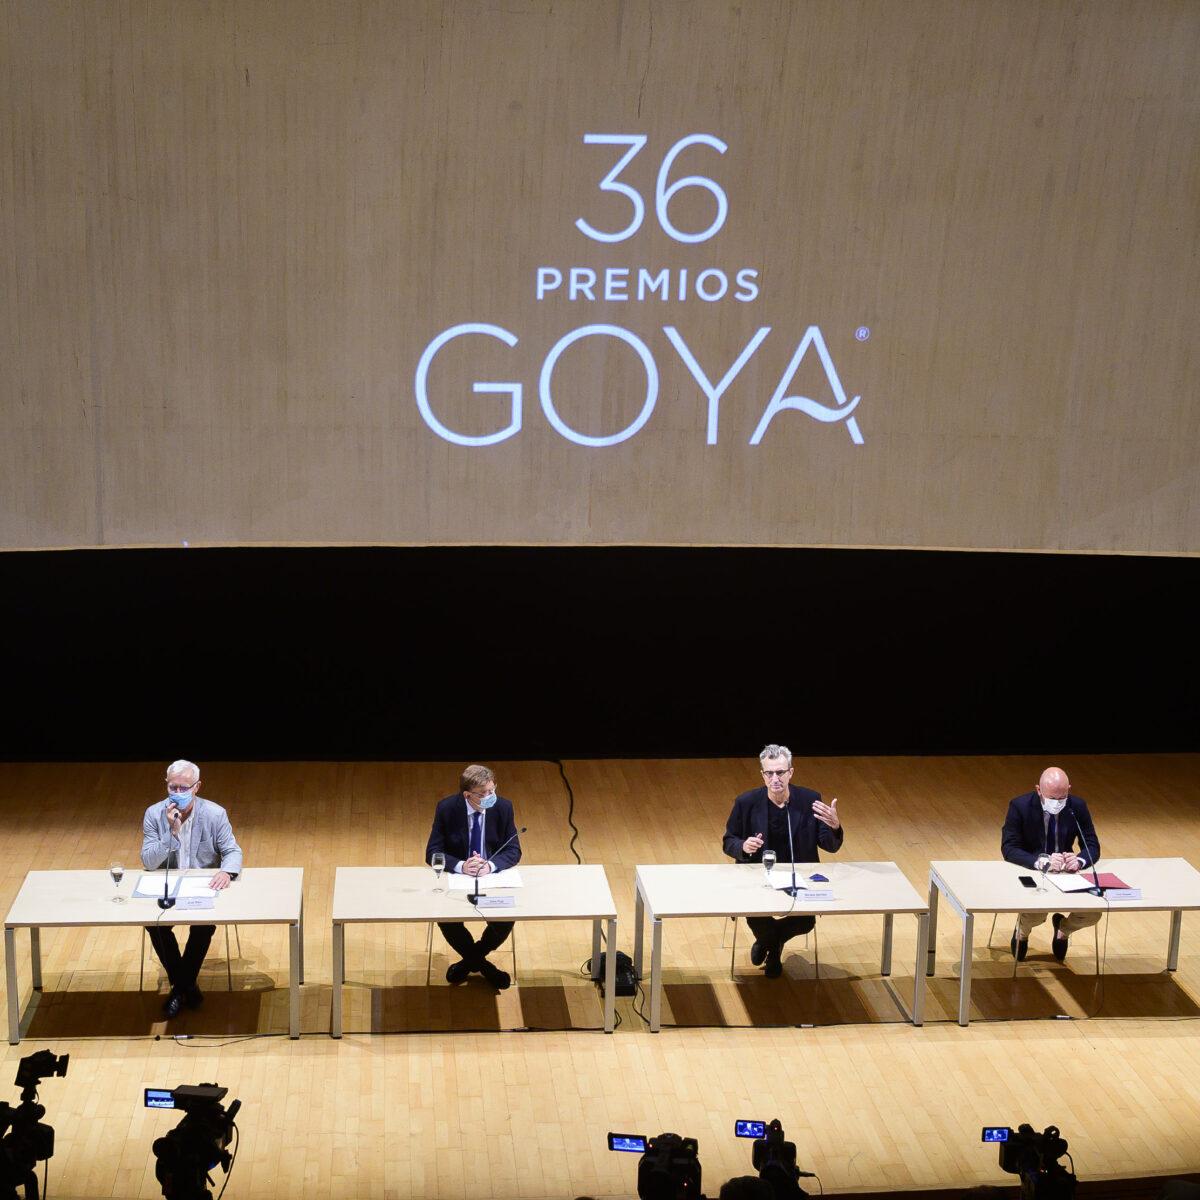 Foto: Academia de Cine